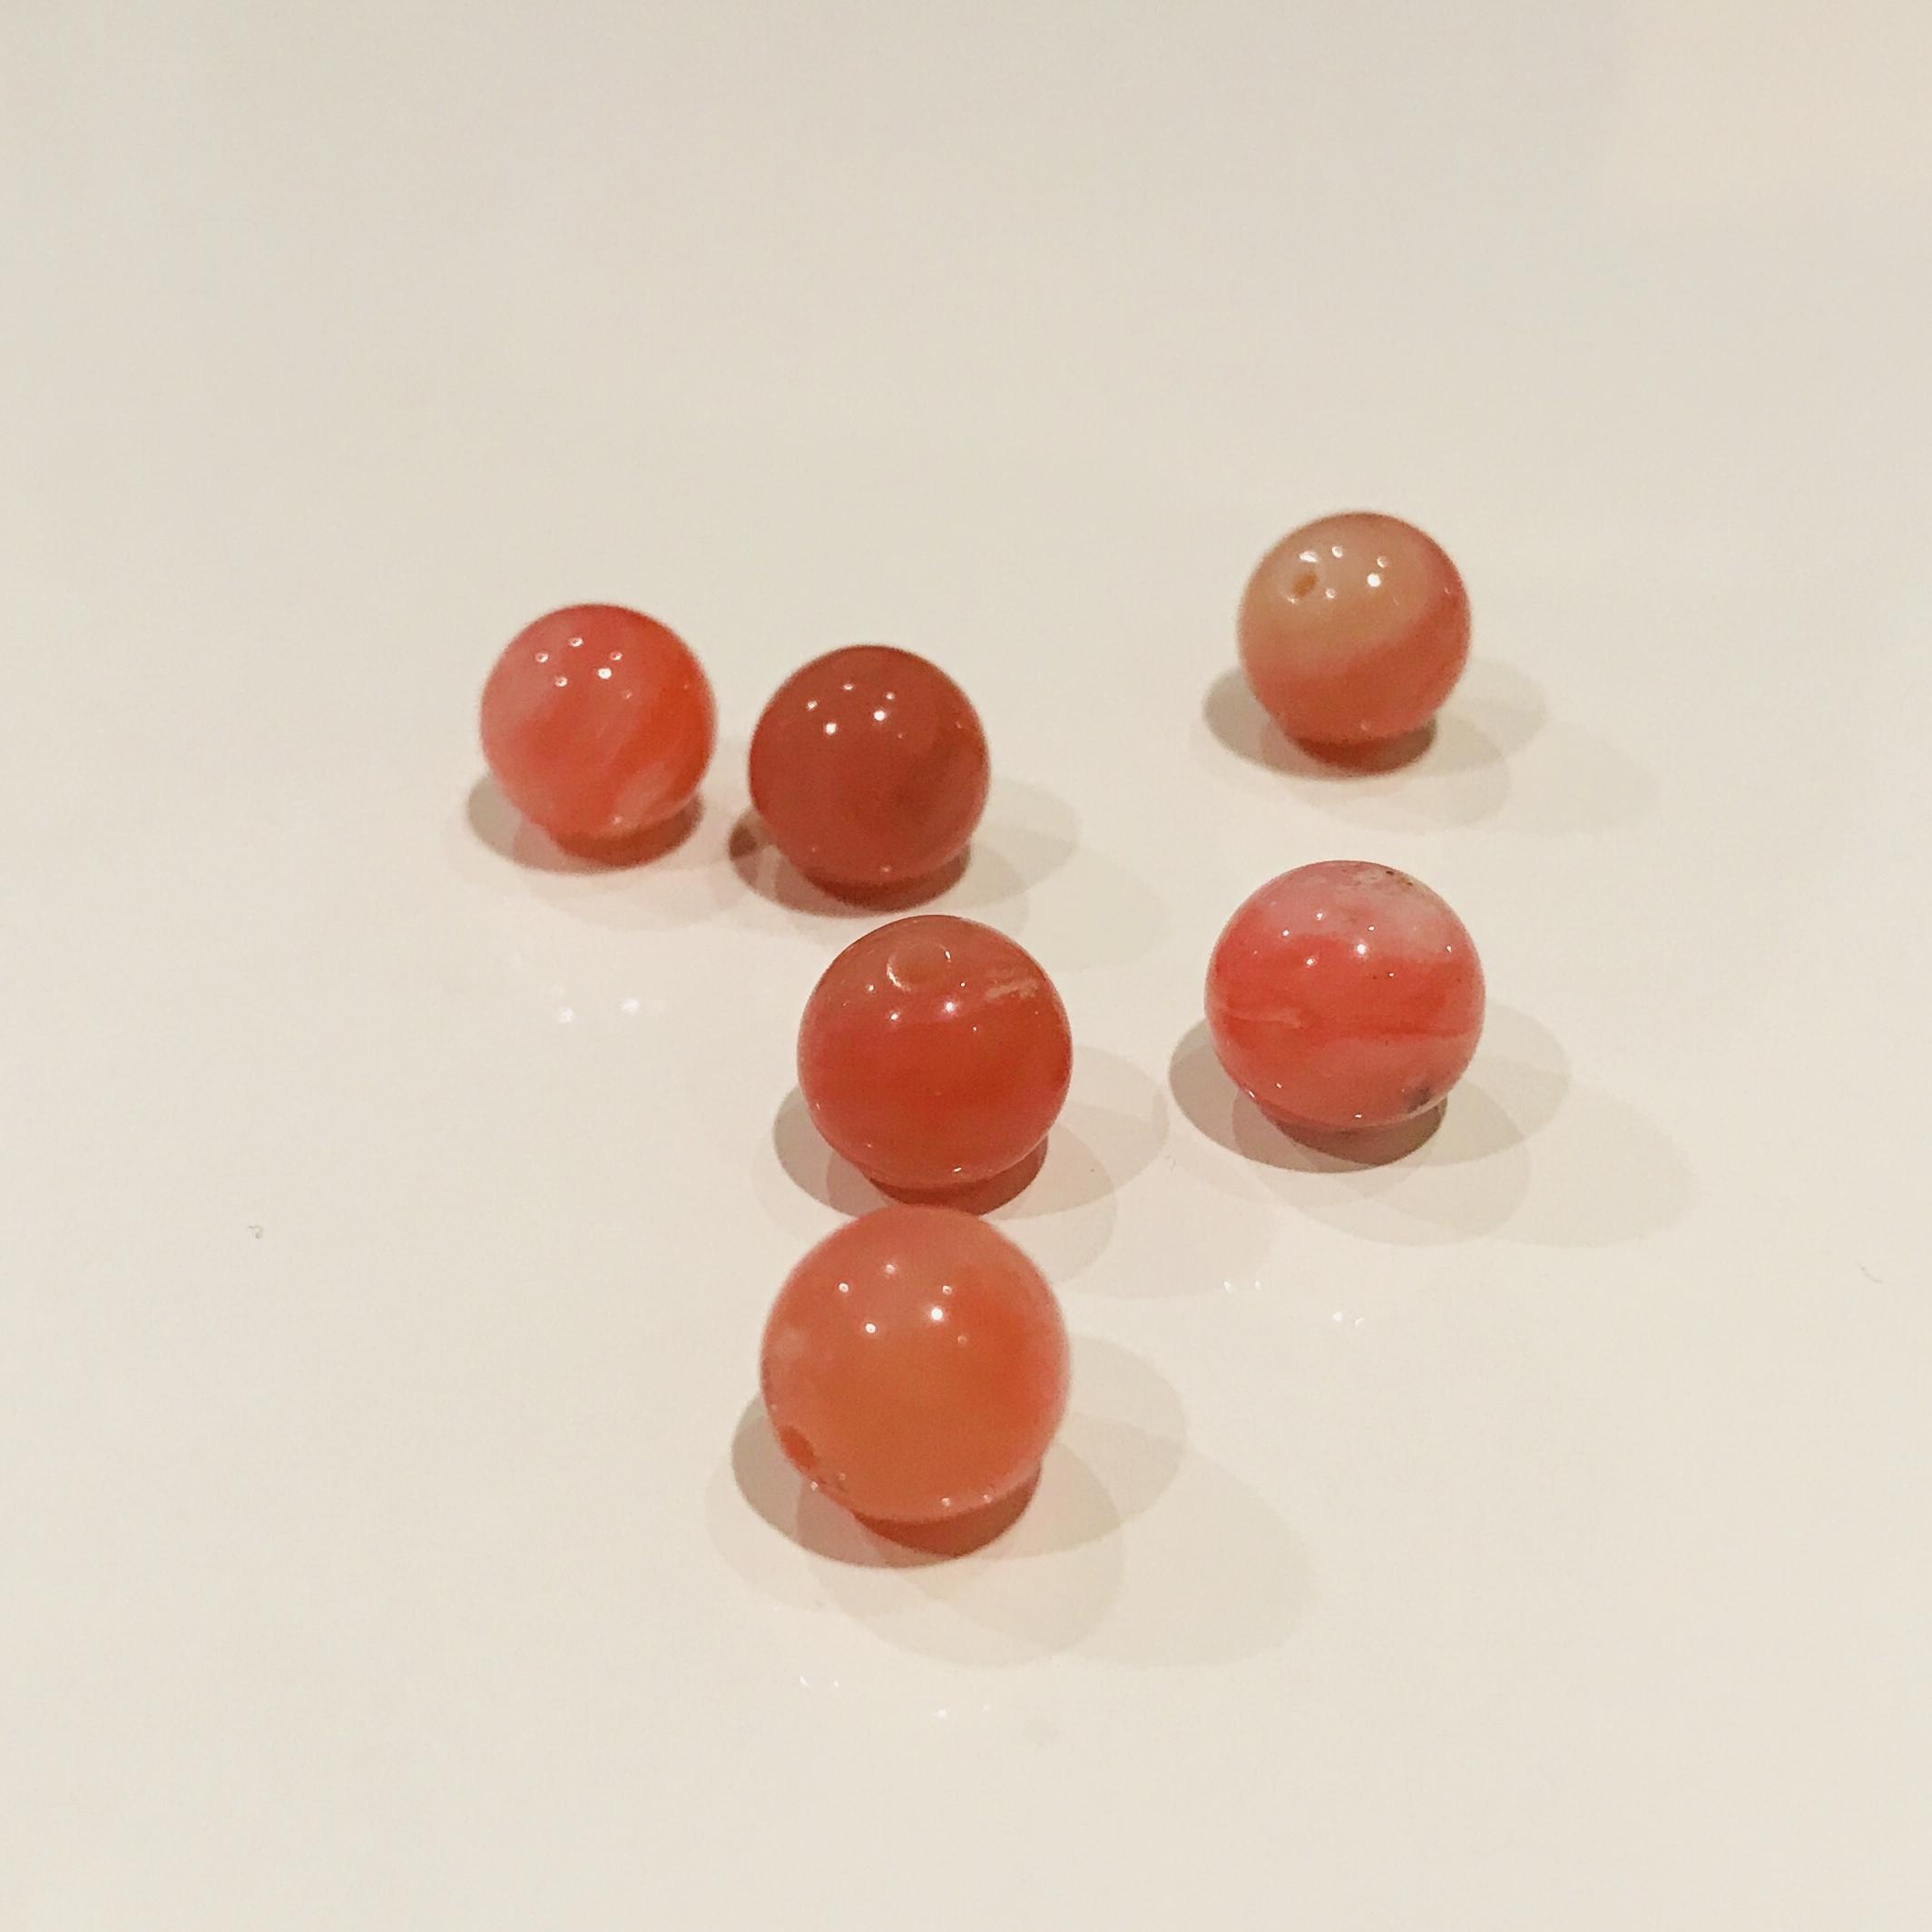 愛と魅力の石 ピンクオパール 8mm玉